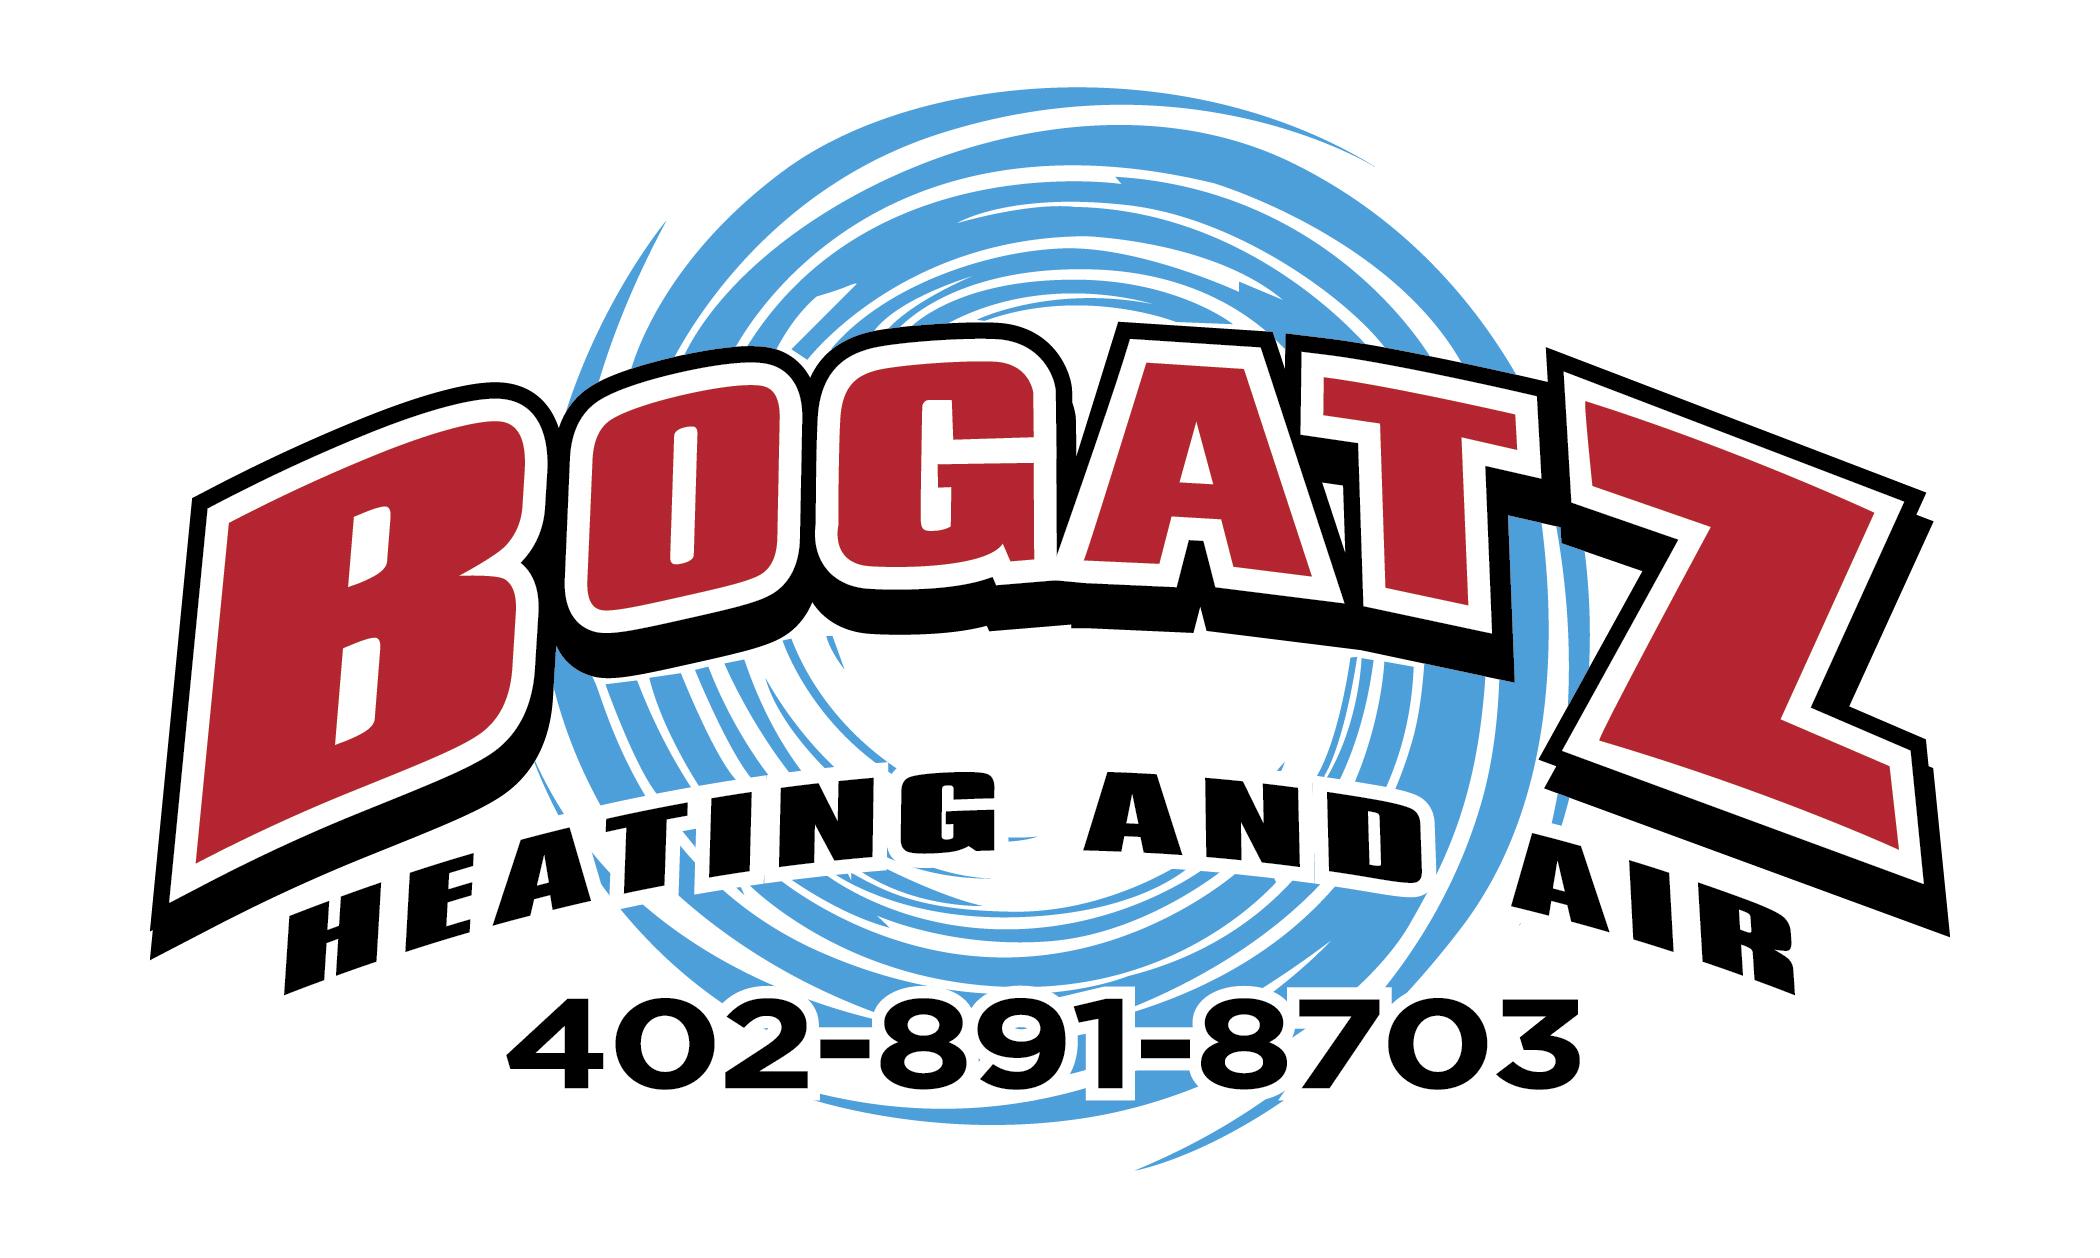 2015-bogatz-logo-colorjpeg